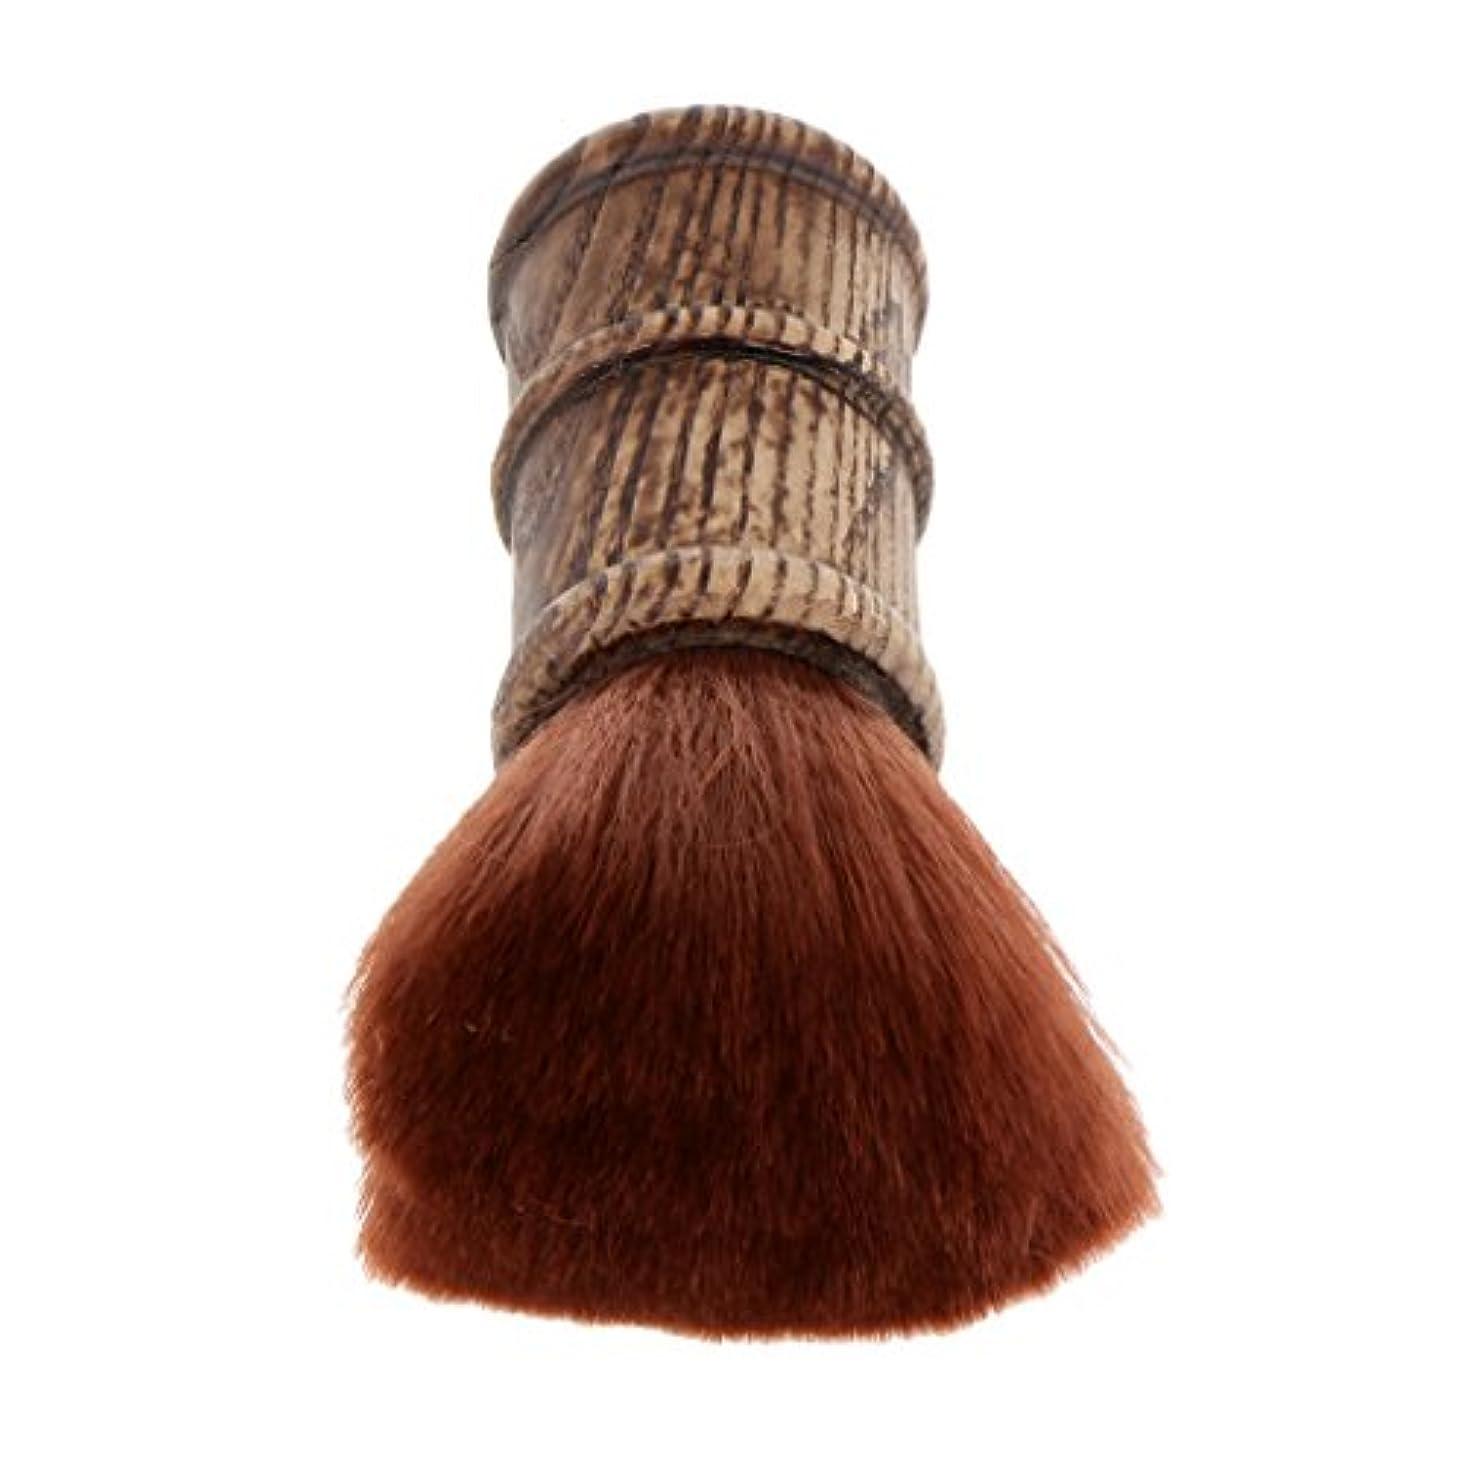 限られた引き受ける団結Blesiya ネックダスターブラシ ヘアカットブラシ ブラシ プロ サロン 柔らかい 自宅用 ヘアスタイリスト ヘアカット 散髪 理髪師 2色選べる - 褐色